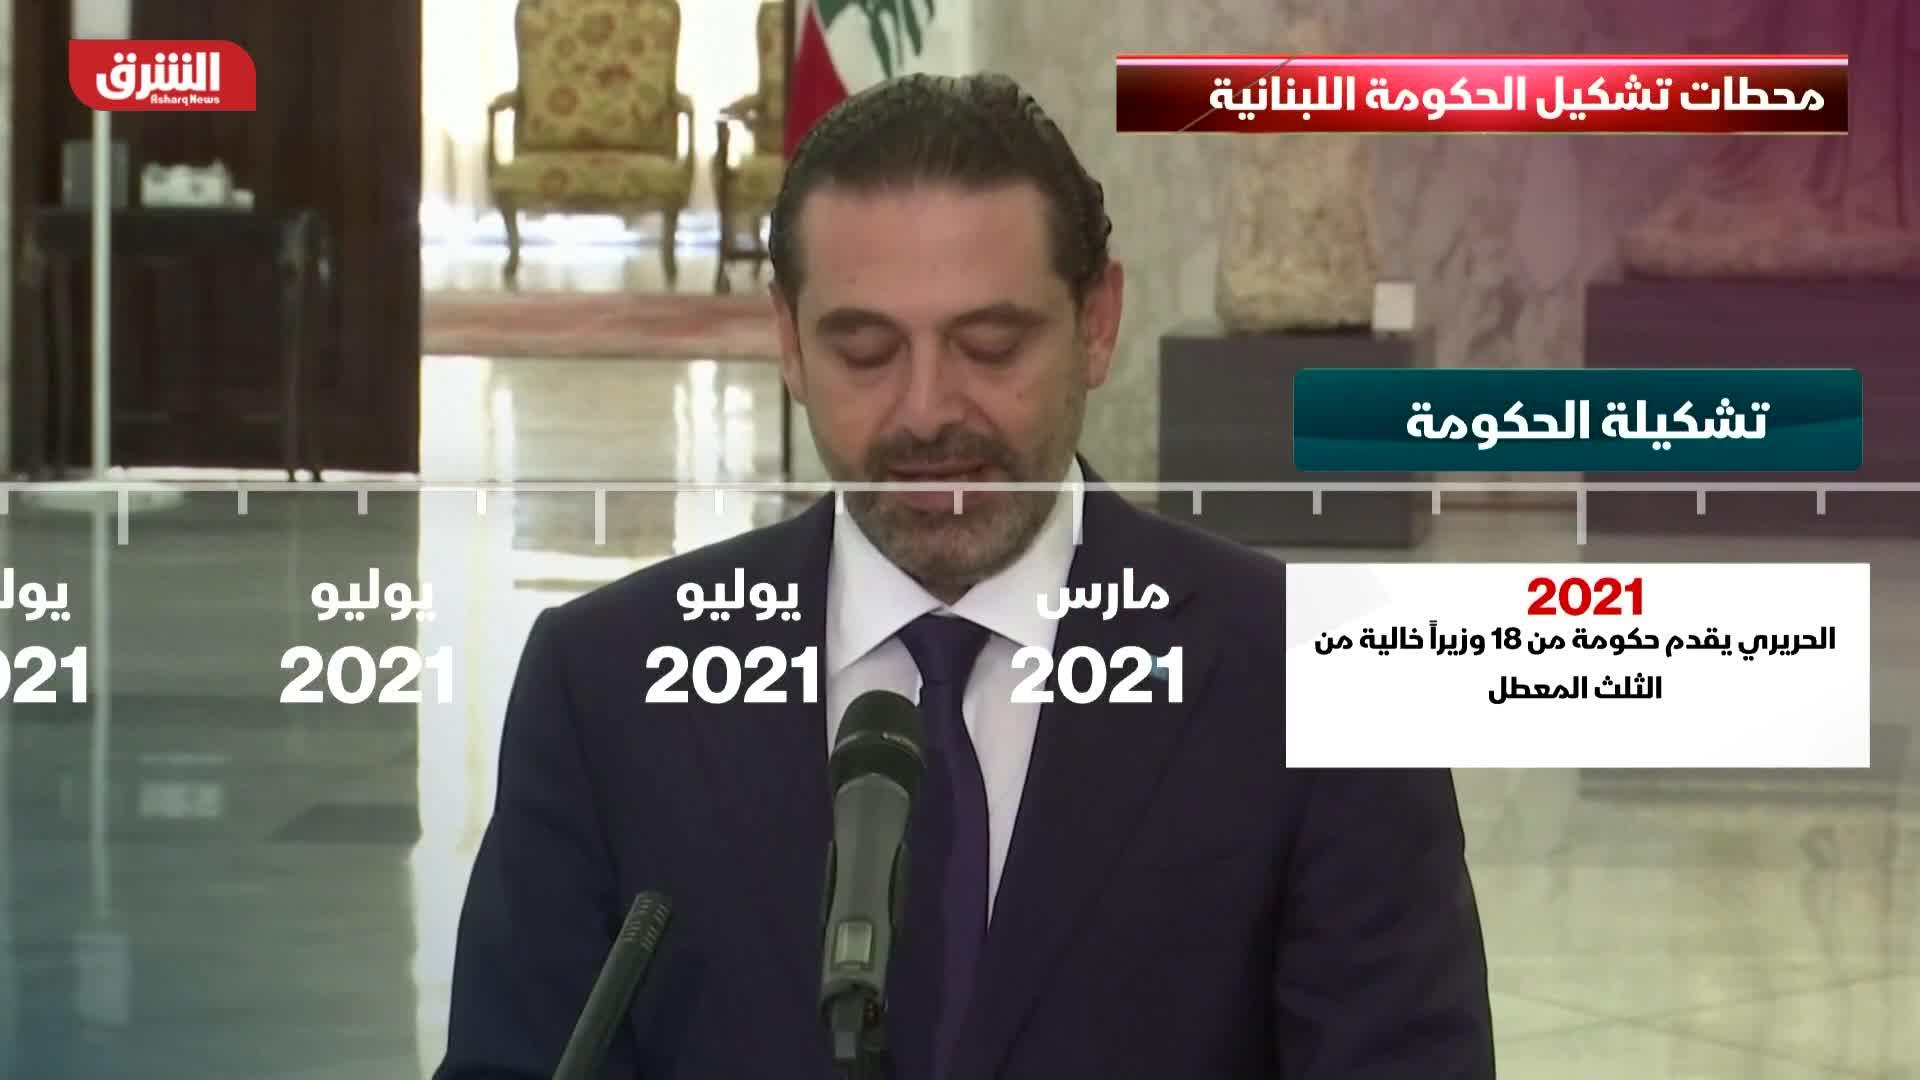 محطات تشكيل الحكومة اللبنانية